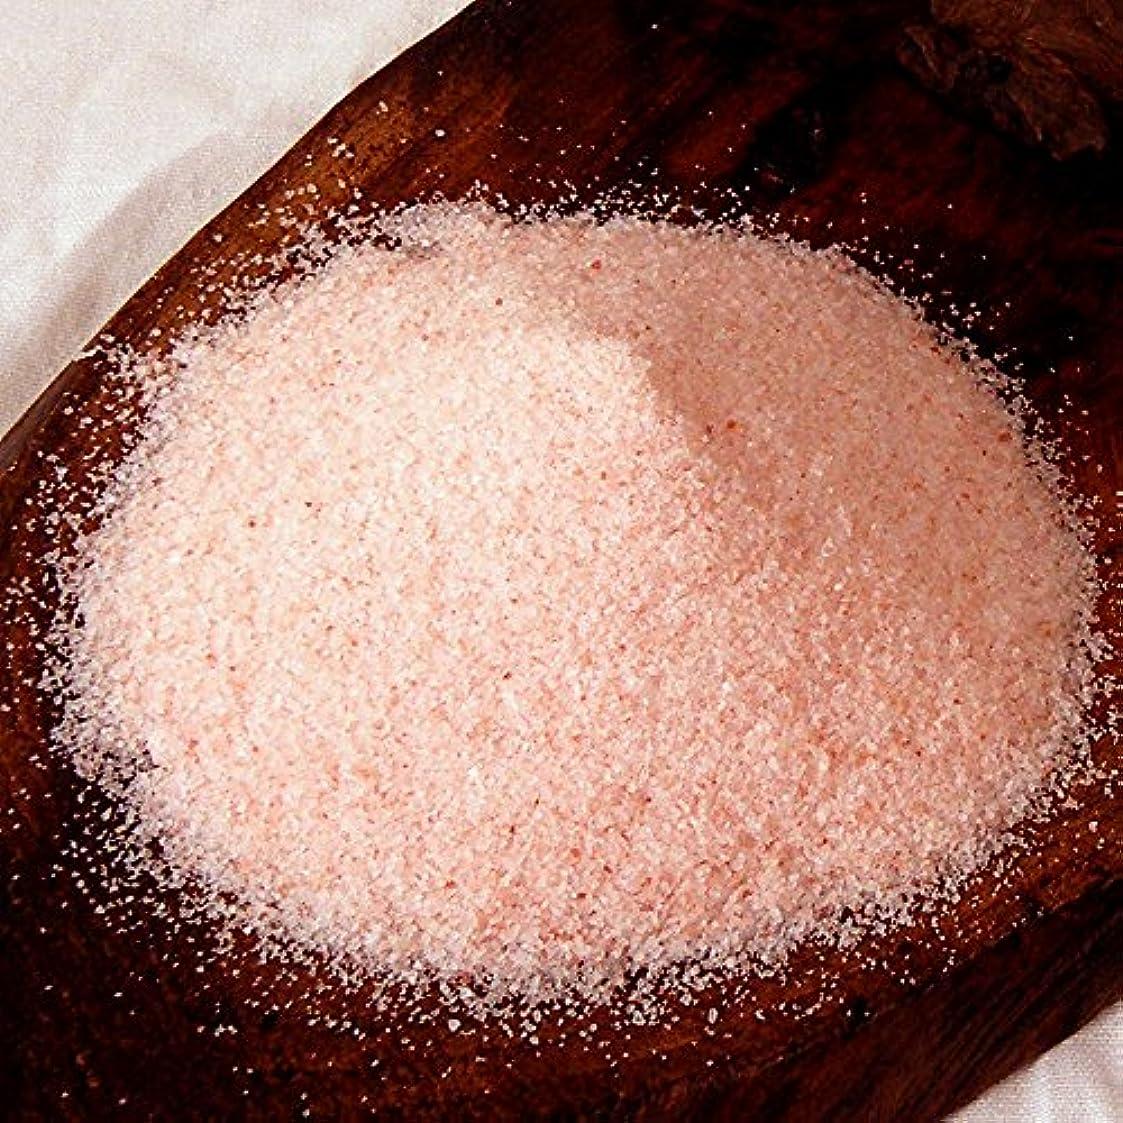 ぴかぴかプレビュー医師ヒマラヤ岩塩 バスソルト ローズソルト 溶けやすい細粒タイプ お試し1kg (ソルト内容量970g)